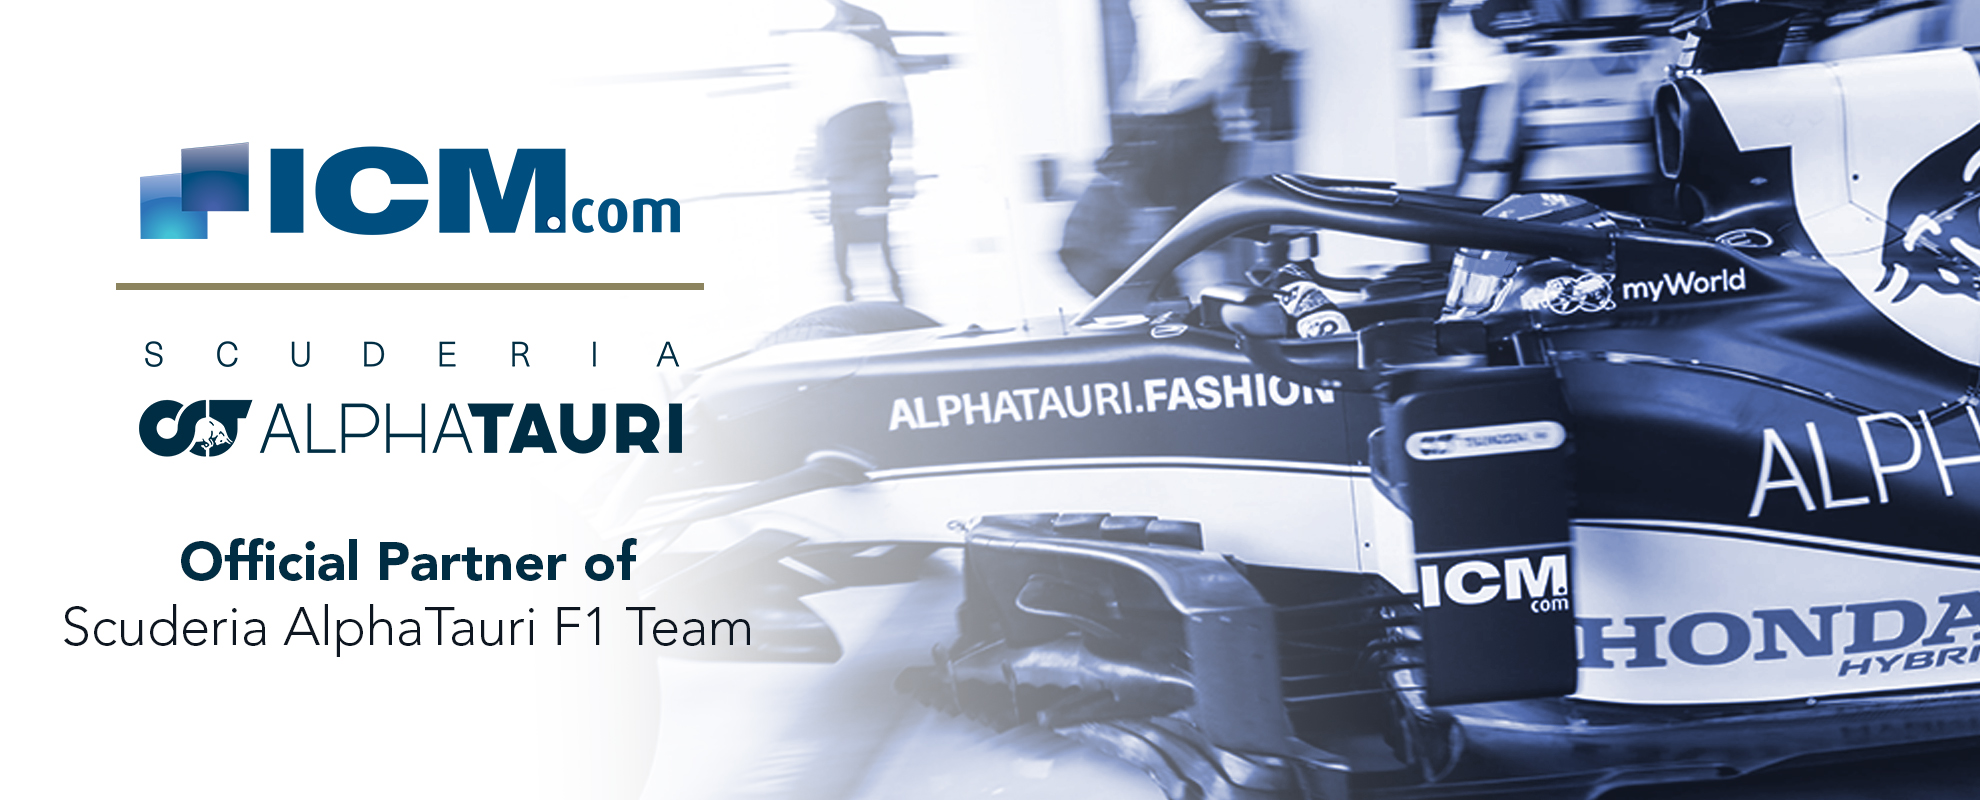 alpha-tori-sponsorship-web-banner-1980x800px